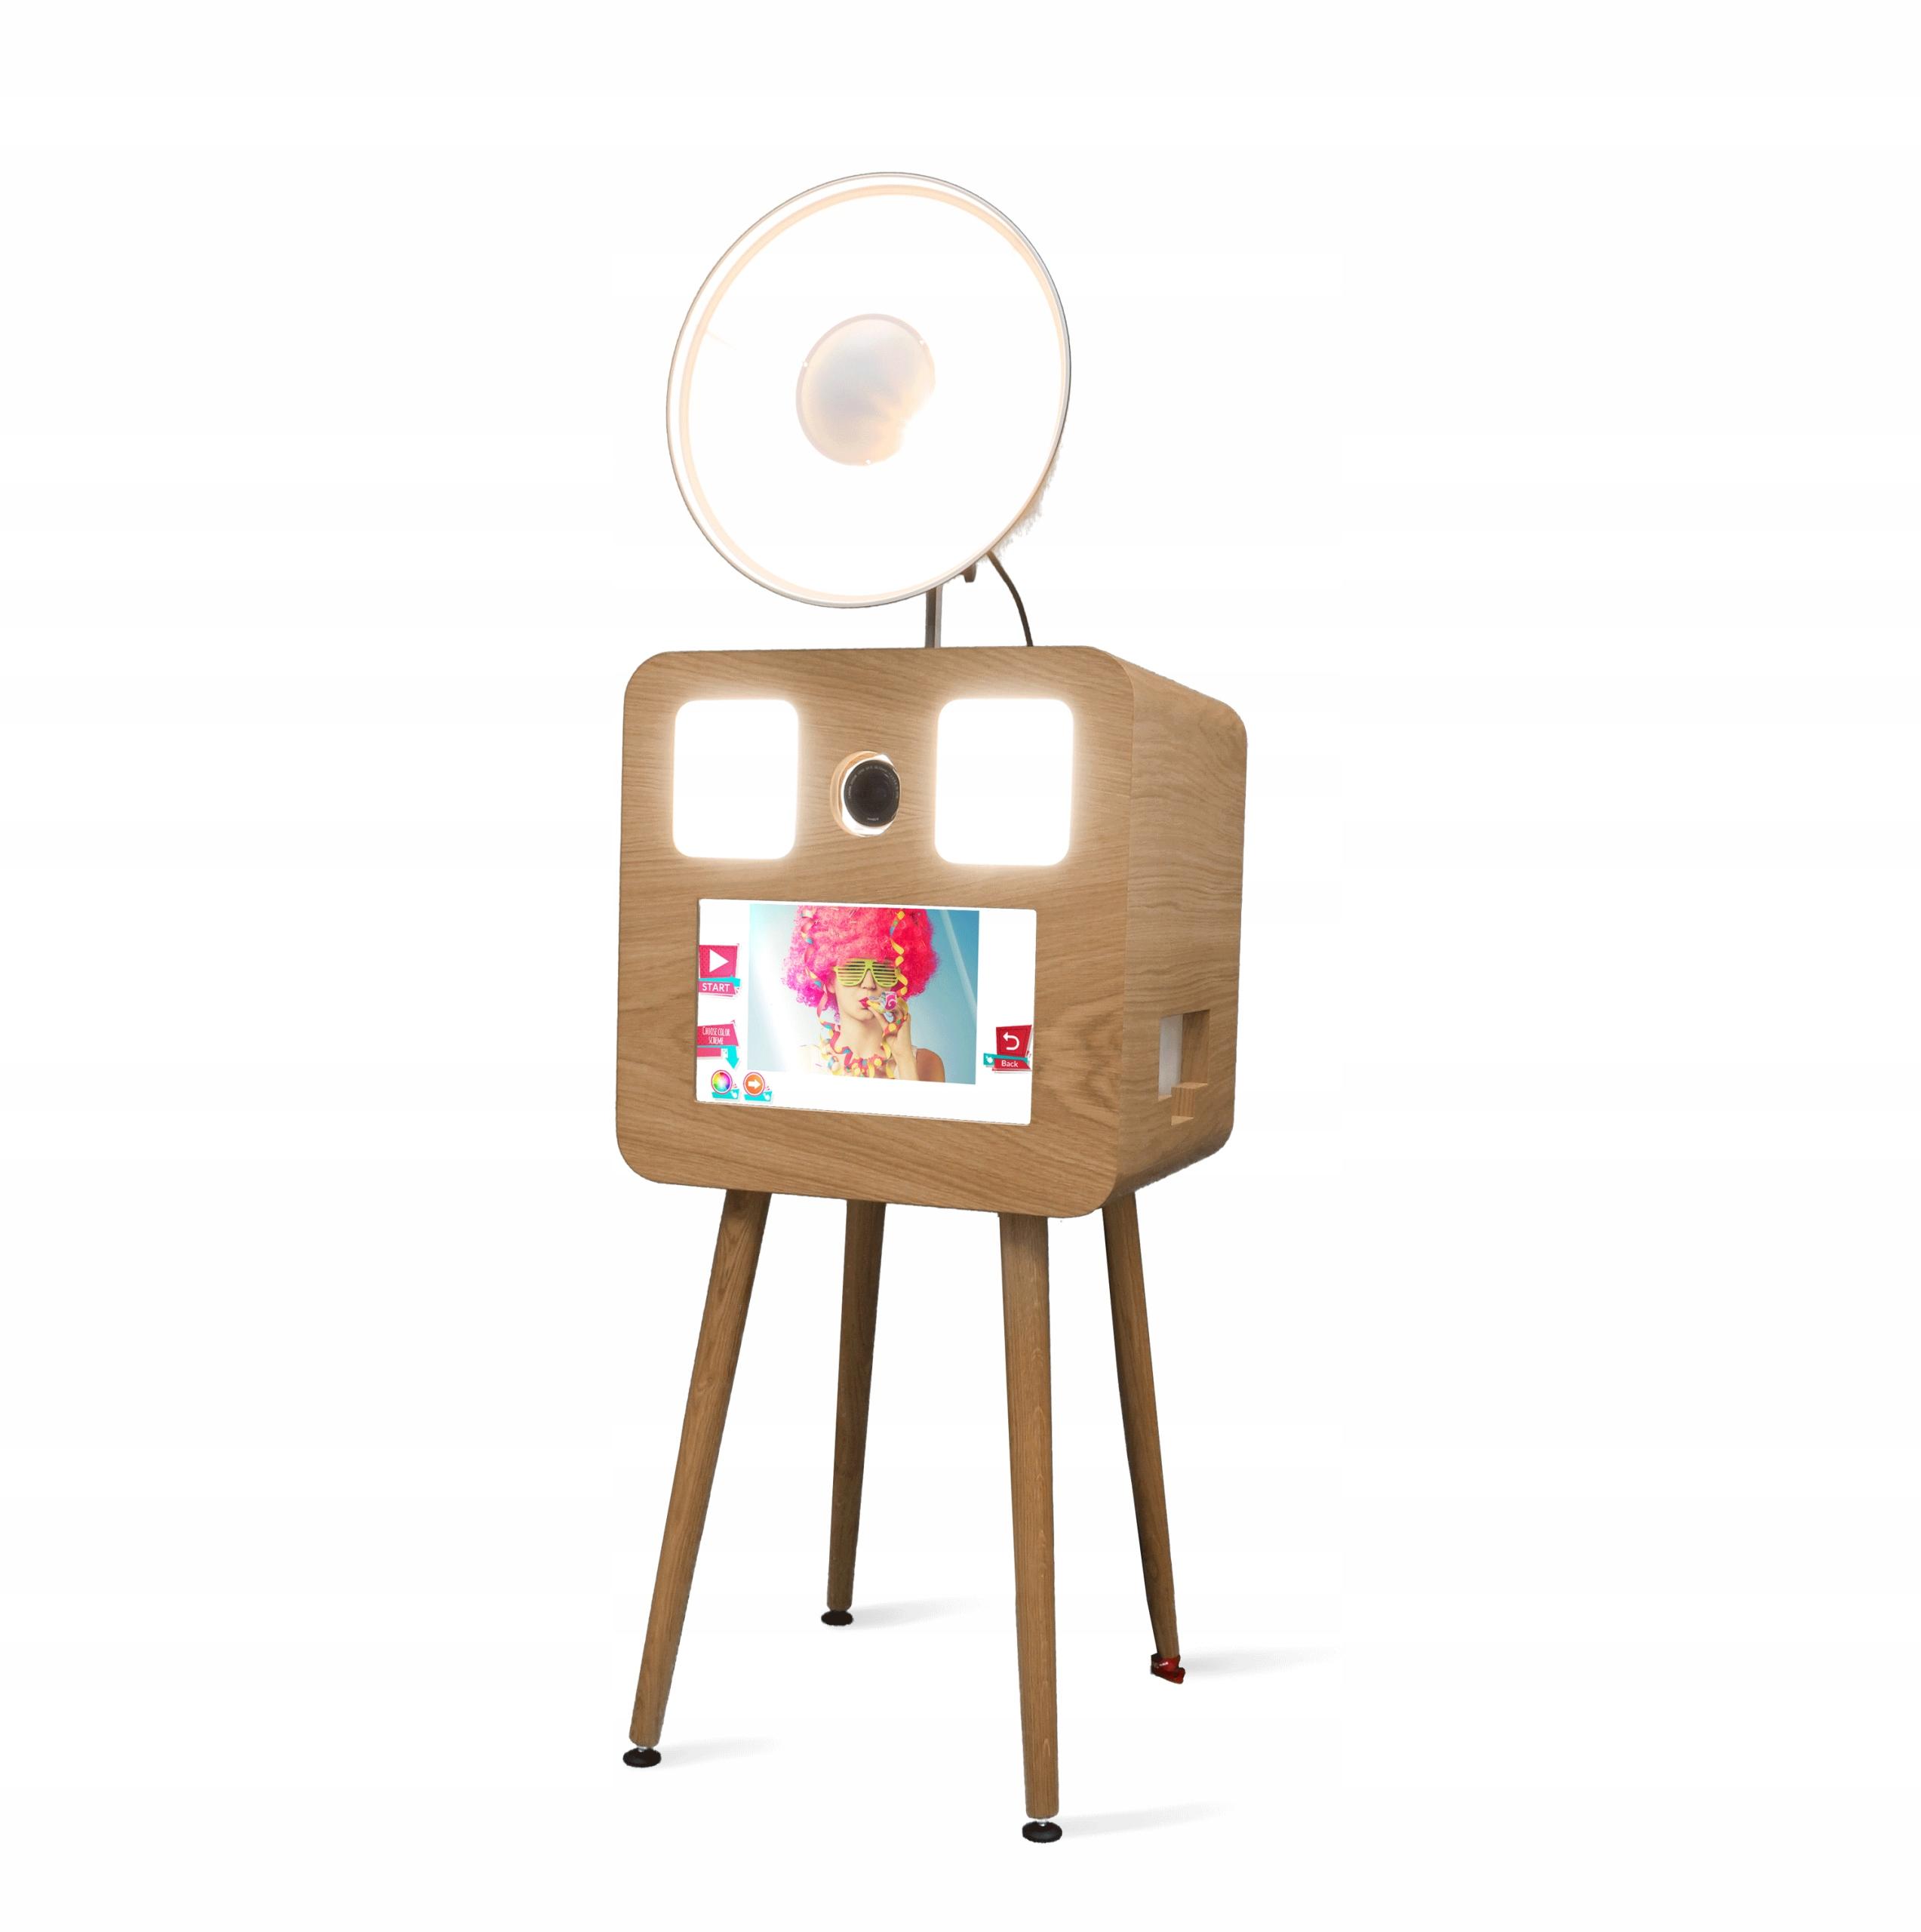 Fotobúdka RETRO - drevená SMOVE FBOX